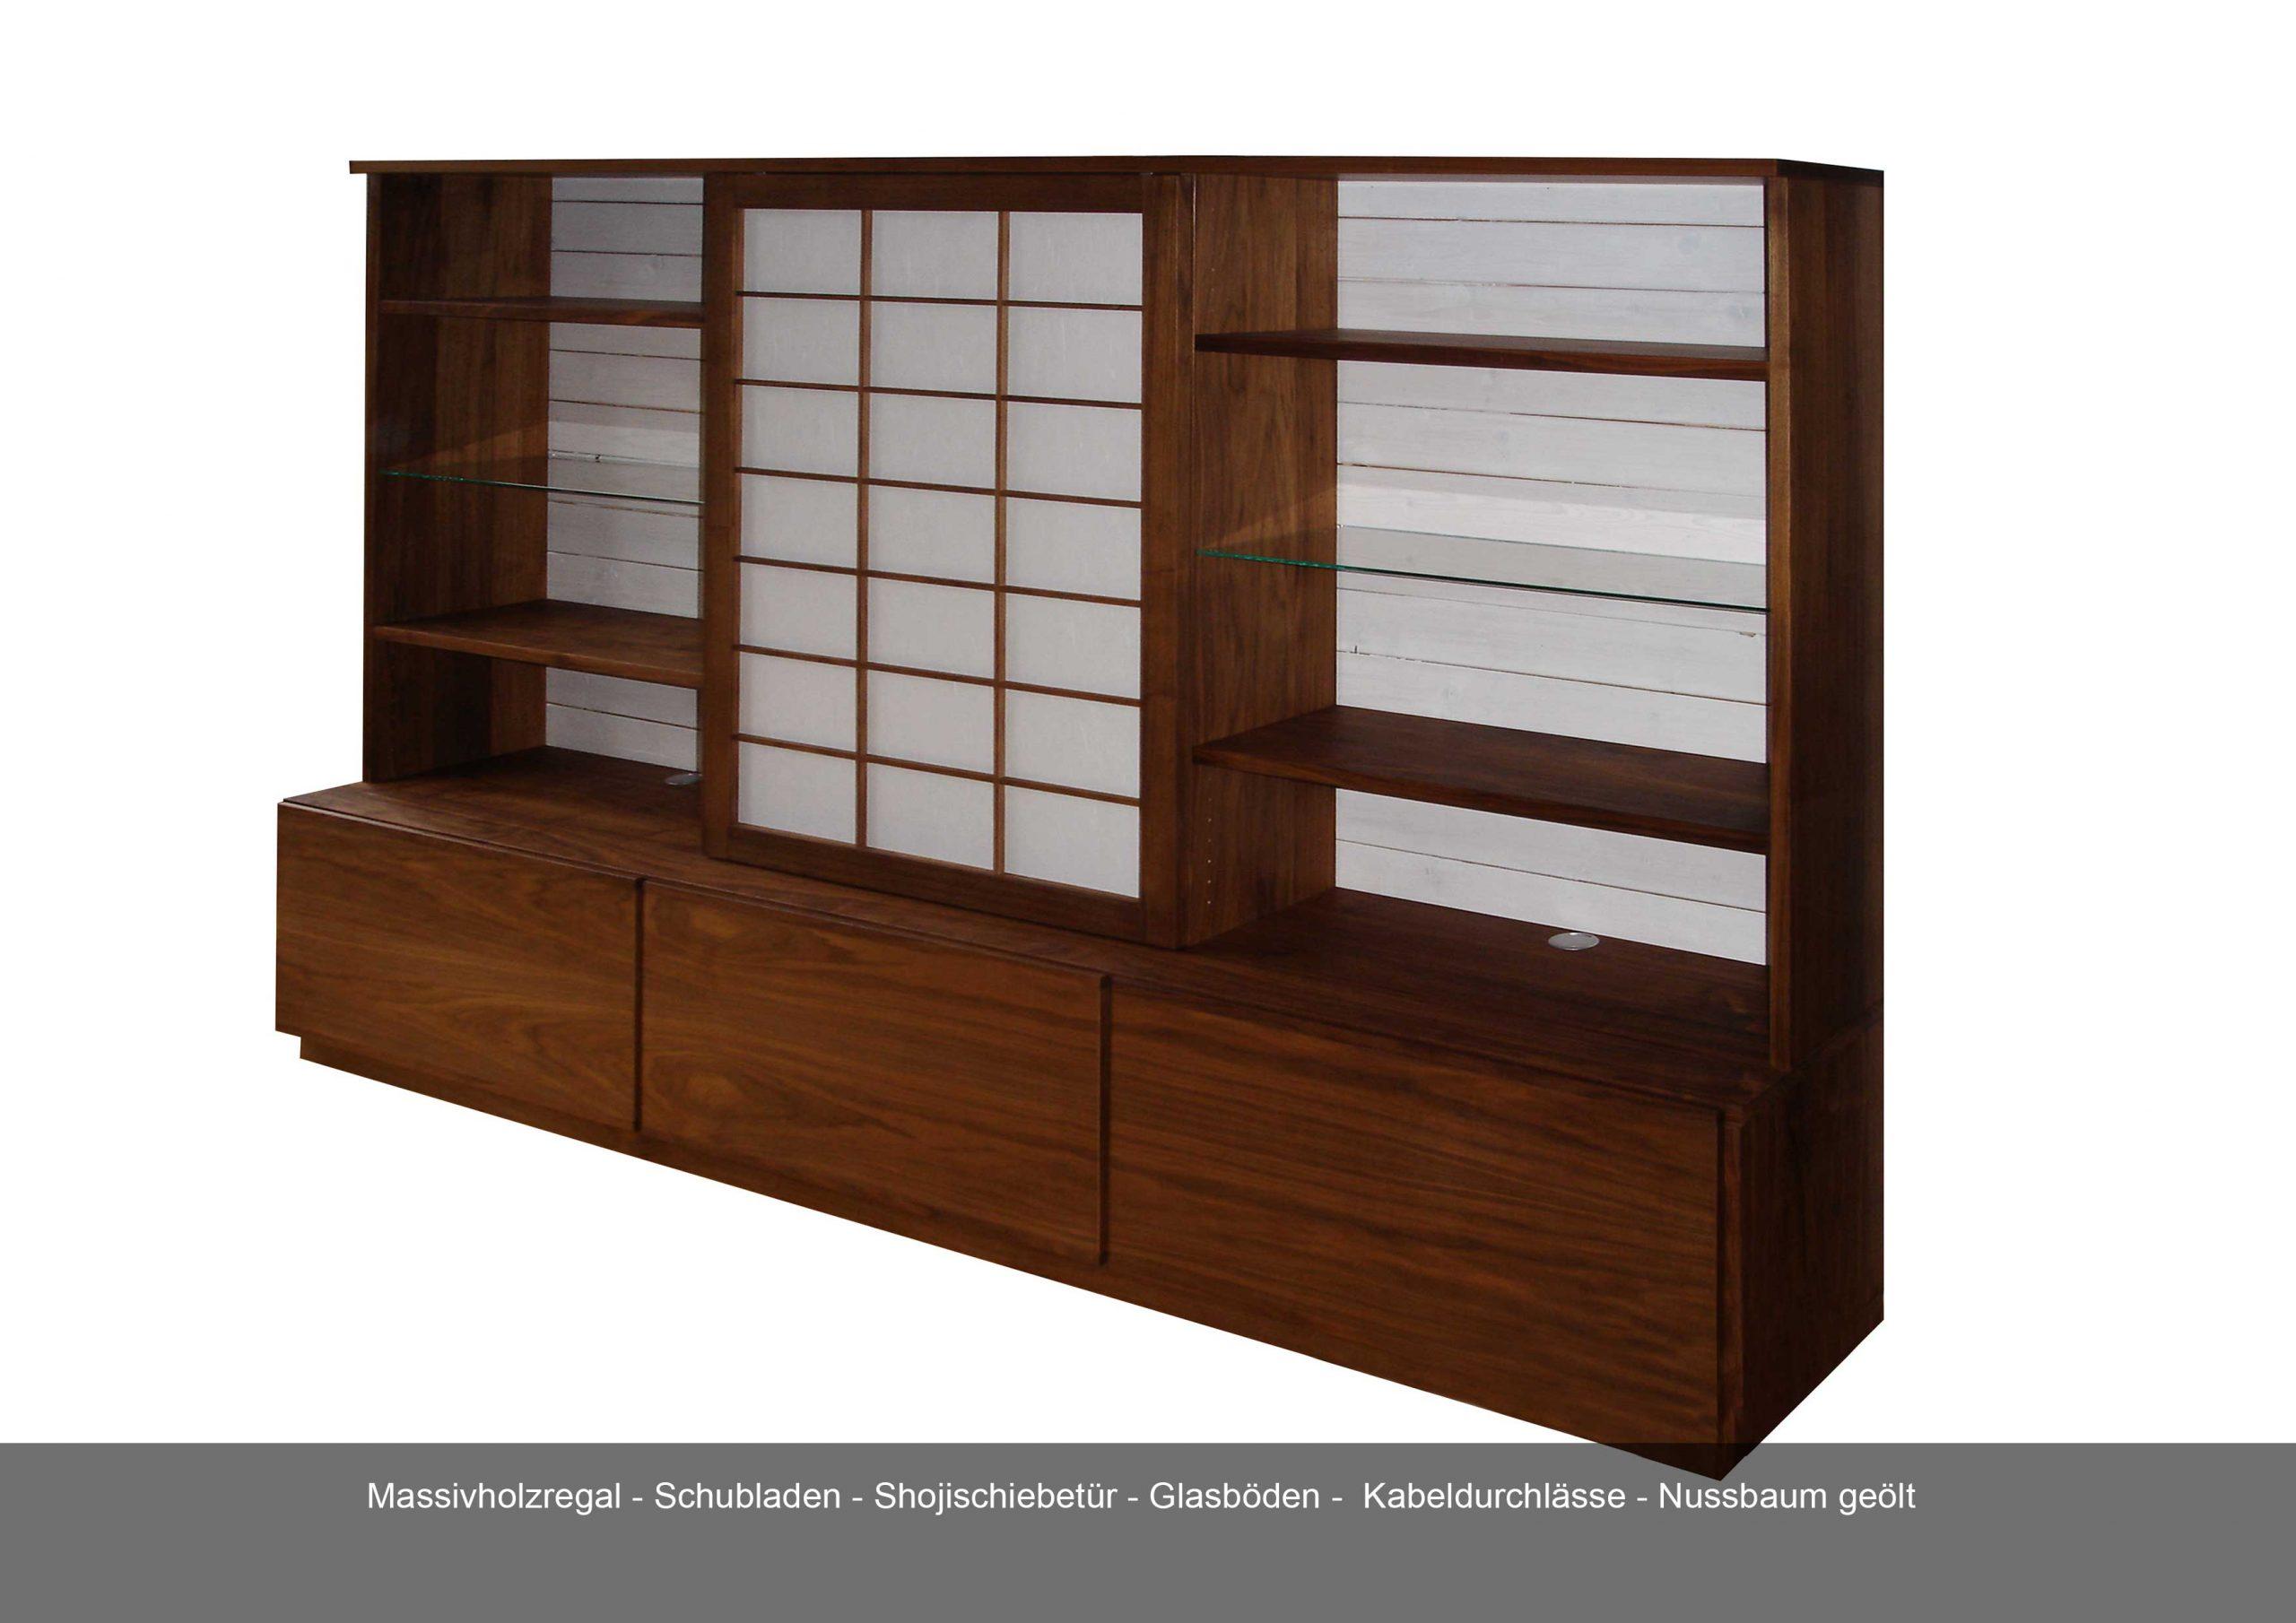 Massivholzregal Schubladen Schoji Schiebetür Glasböden Kabeldurchlass Nussbaum geölt